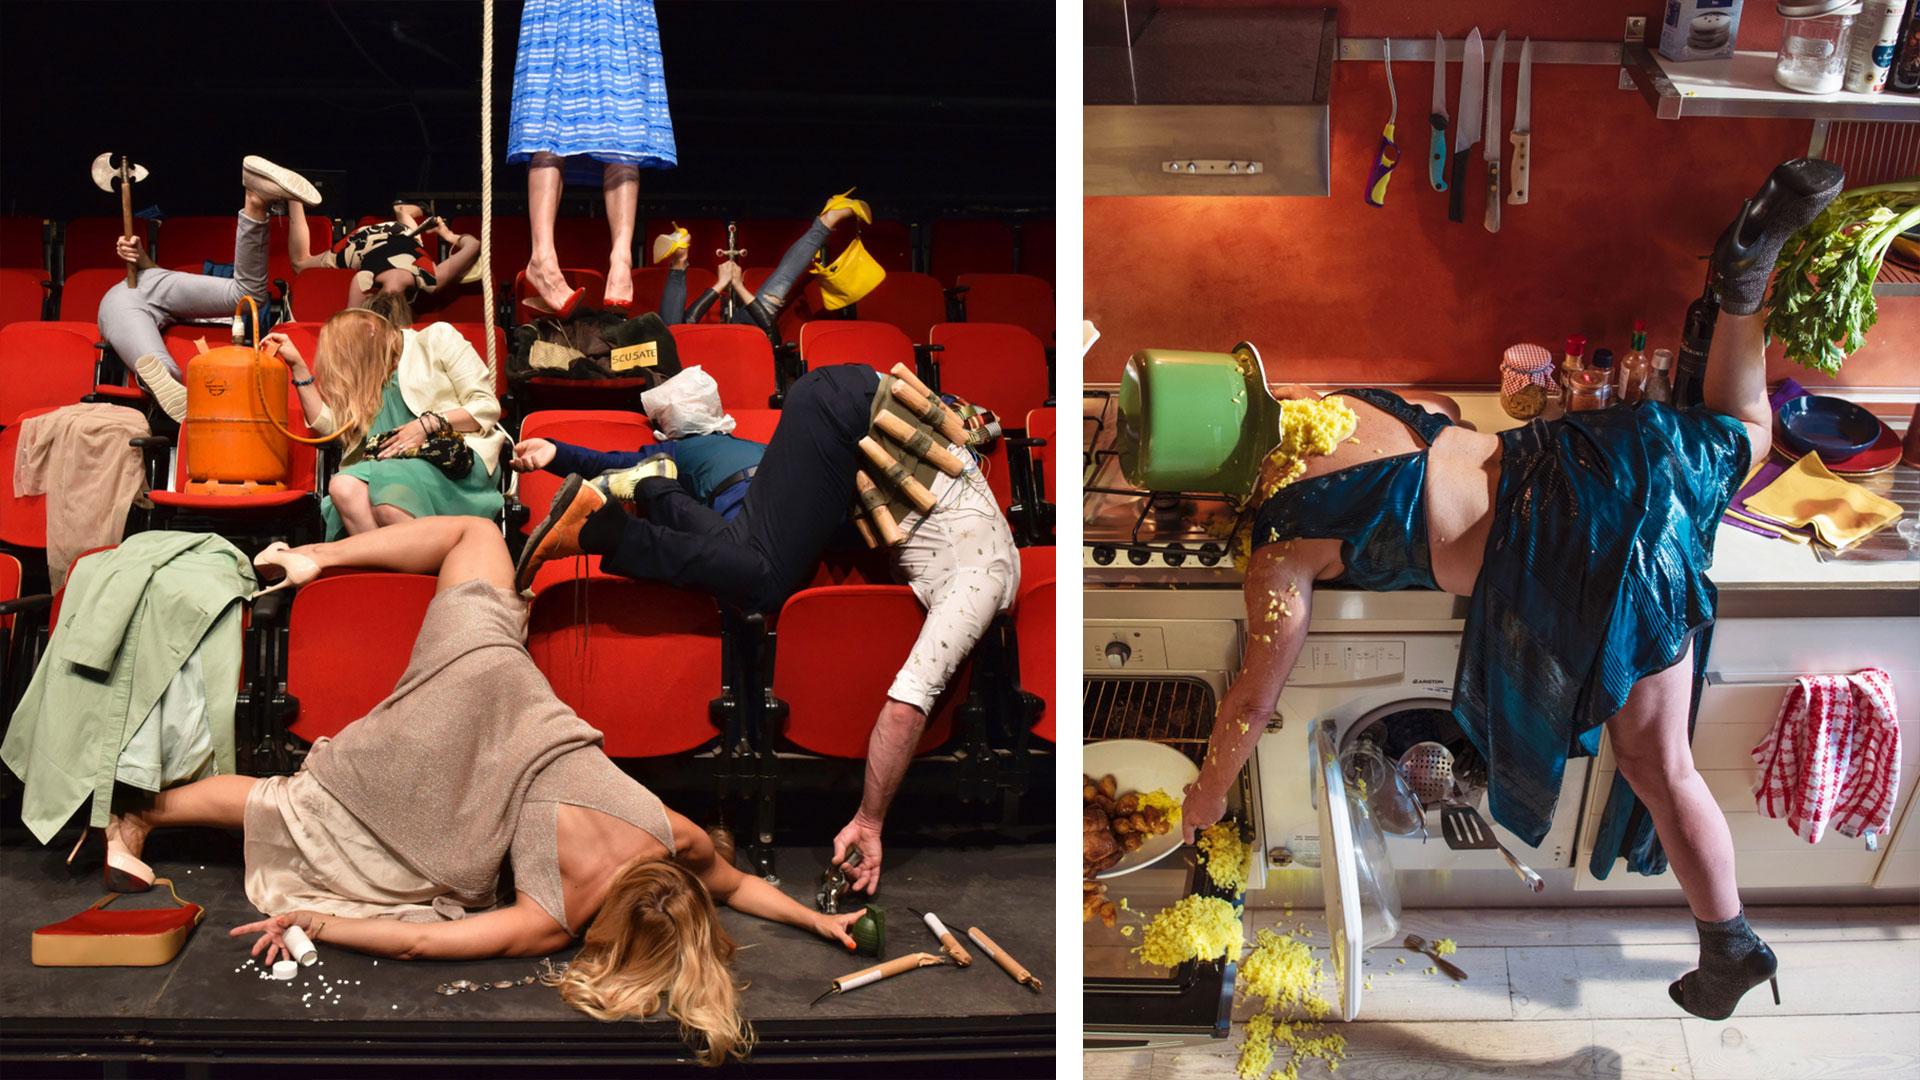 Le persone che si schiantano al suolo nelle fotografie di Sandro Giordano vi faranno ridere ma anche riflettere